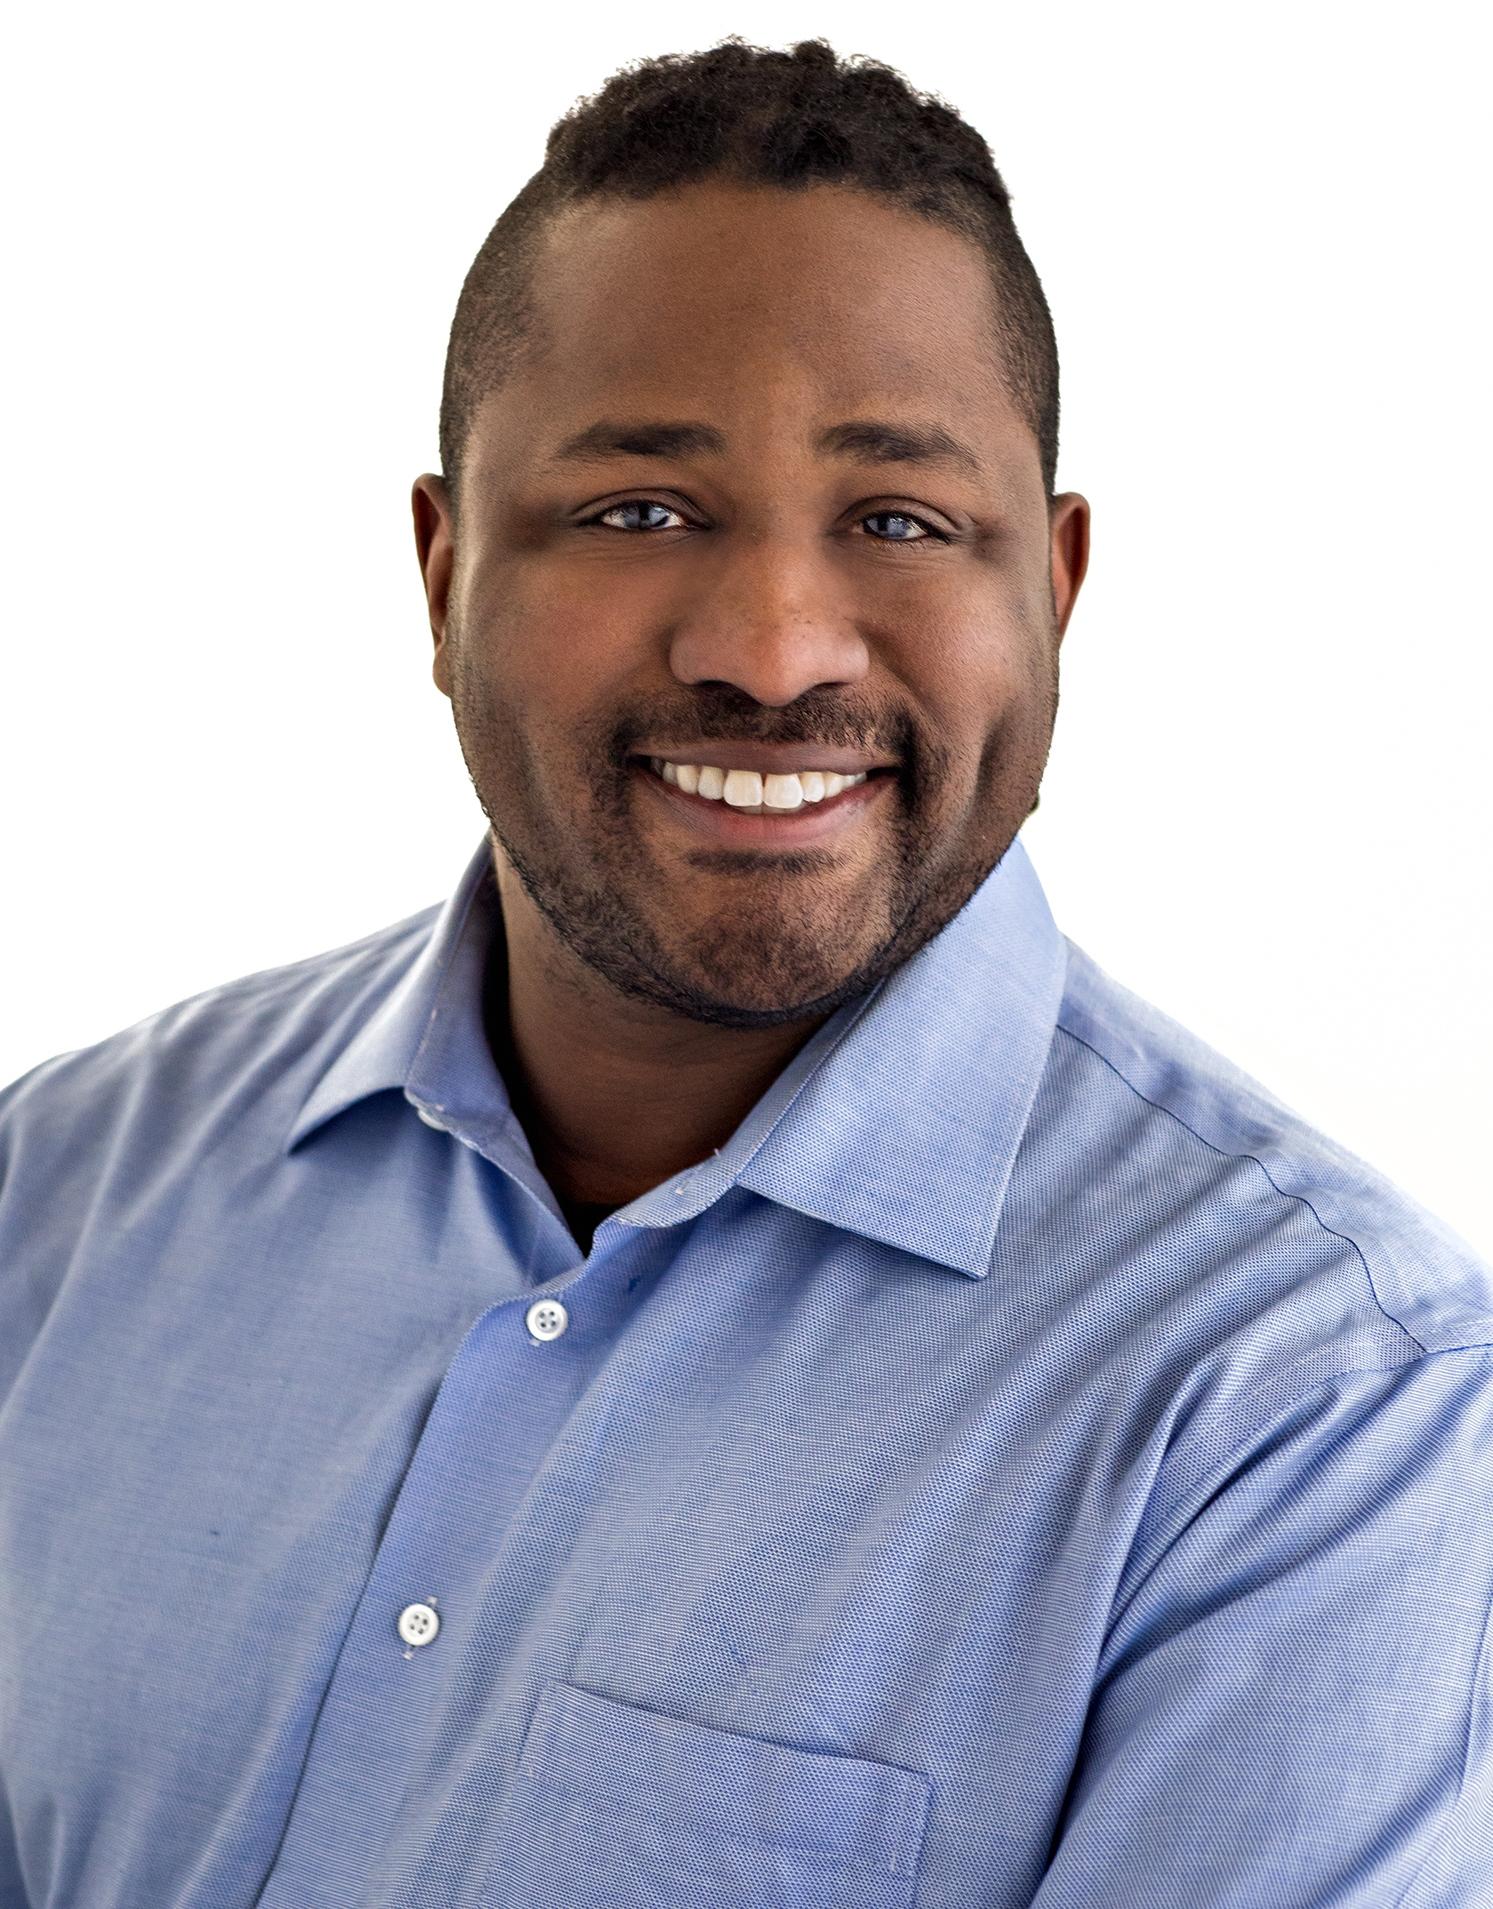 Justin Cummings